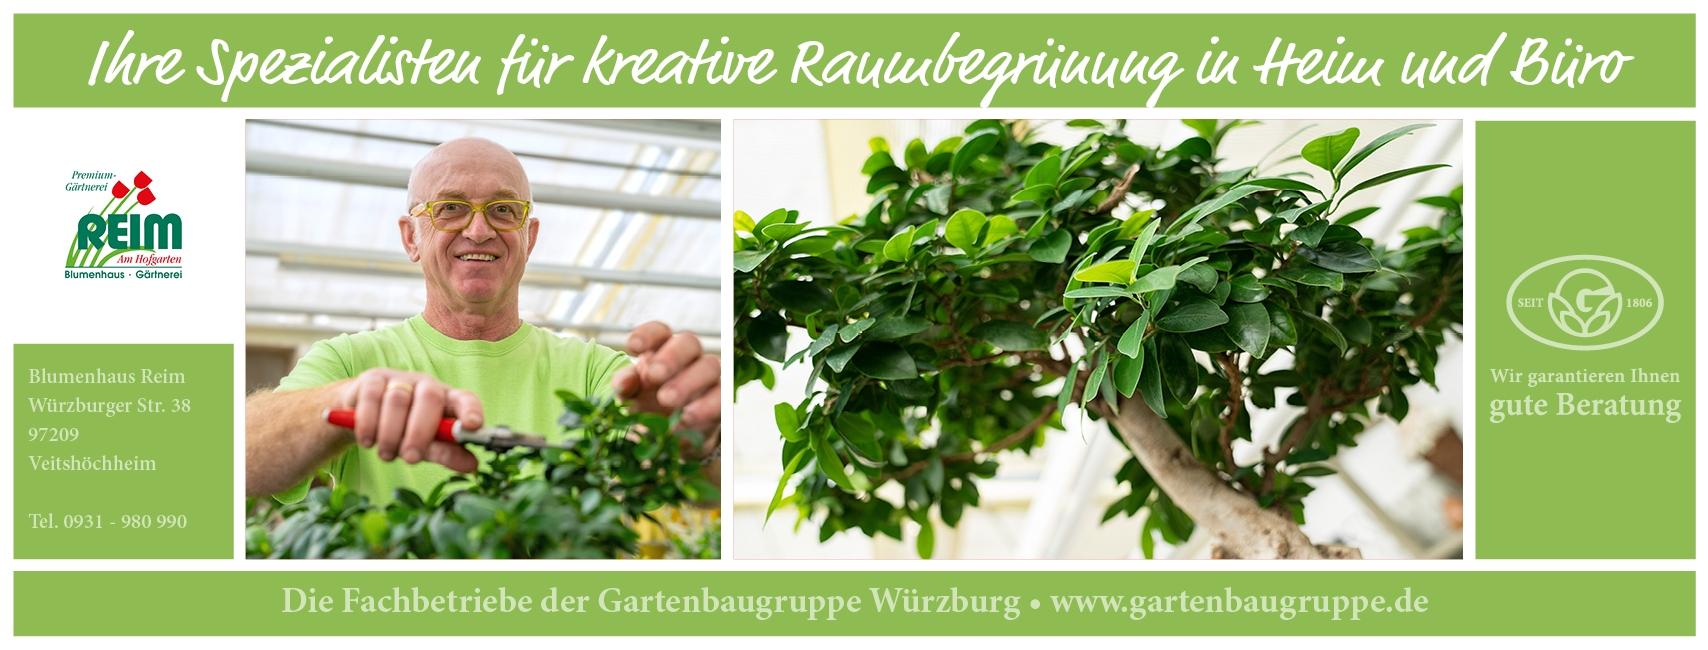 Blumenhaus Reim Veitshöchheim - Gartenbaugruppe Würzburg